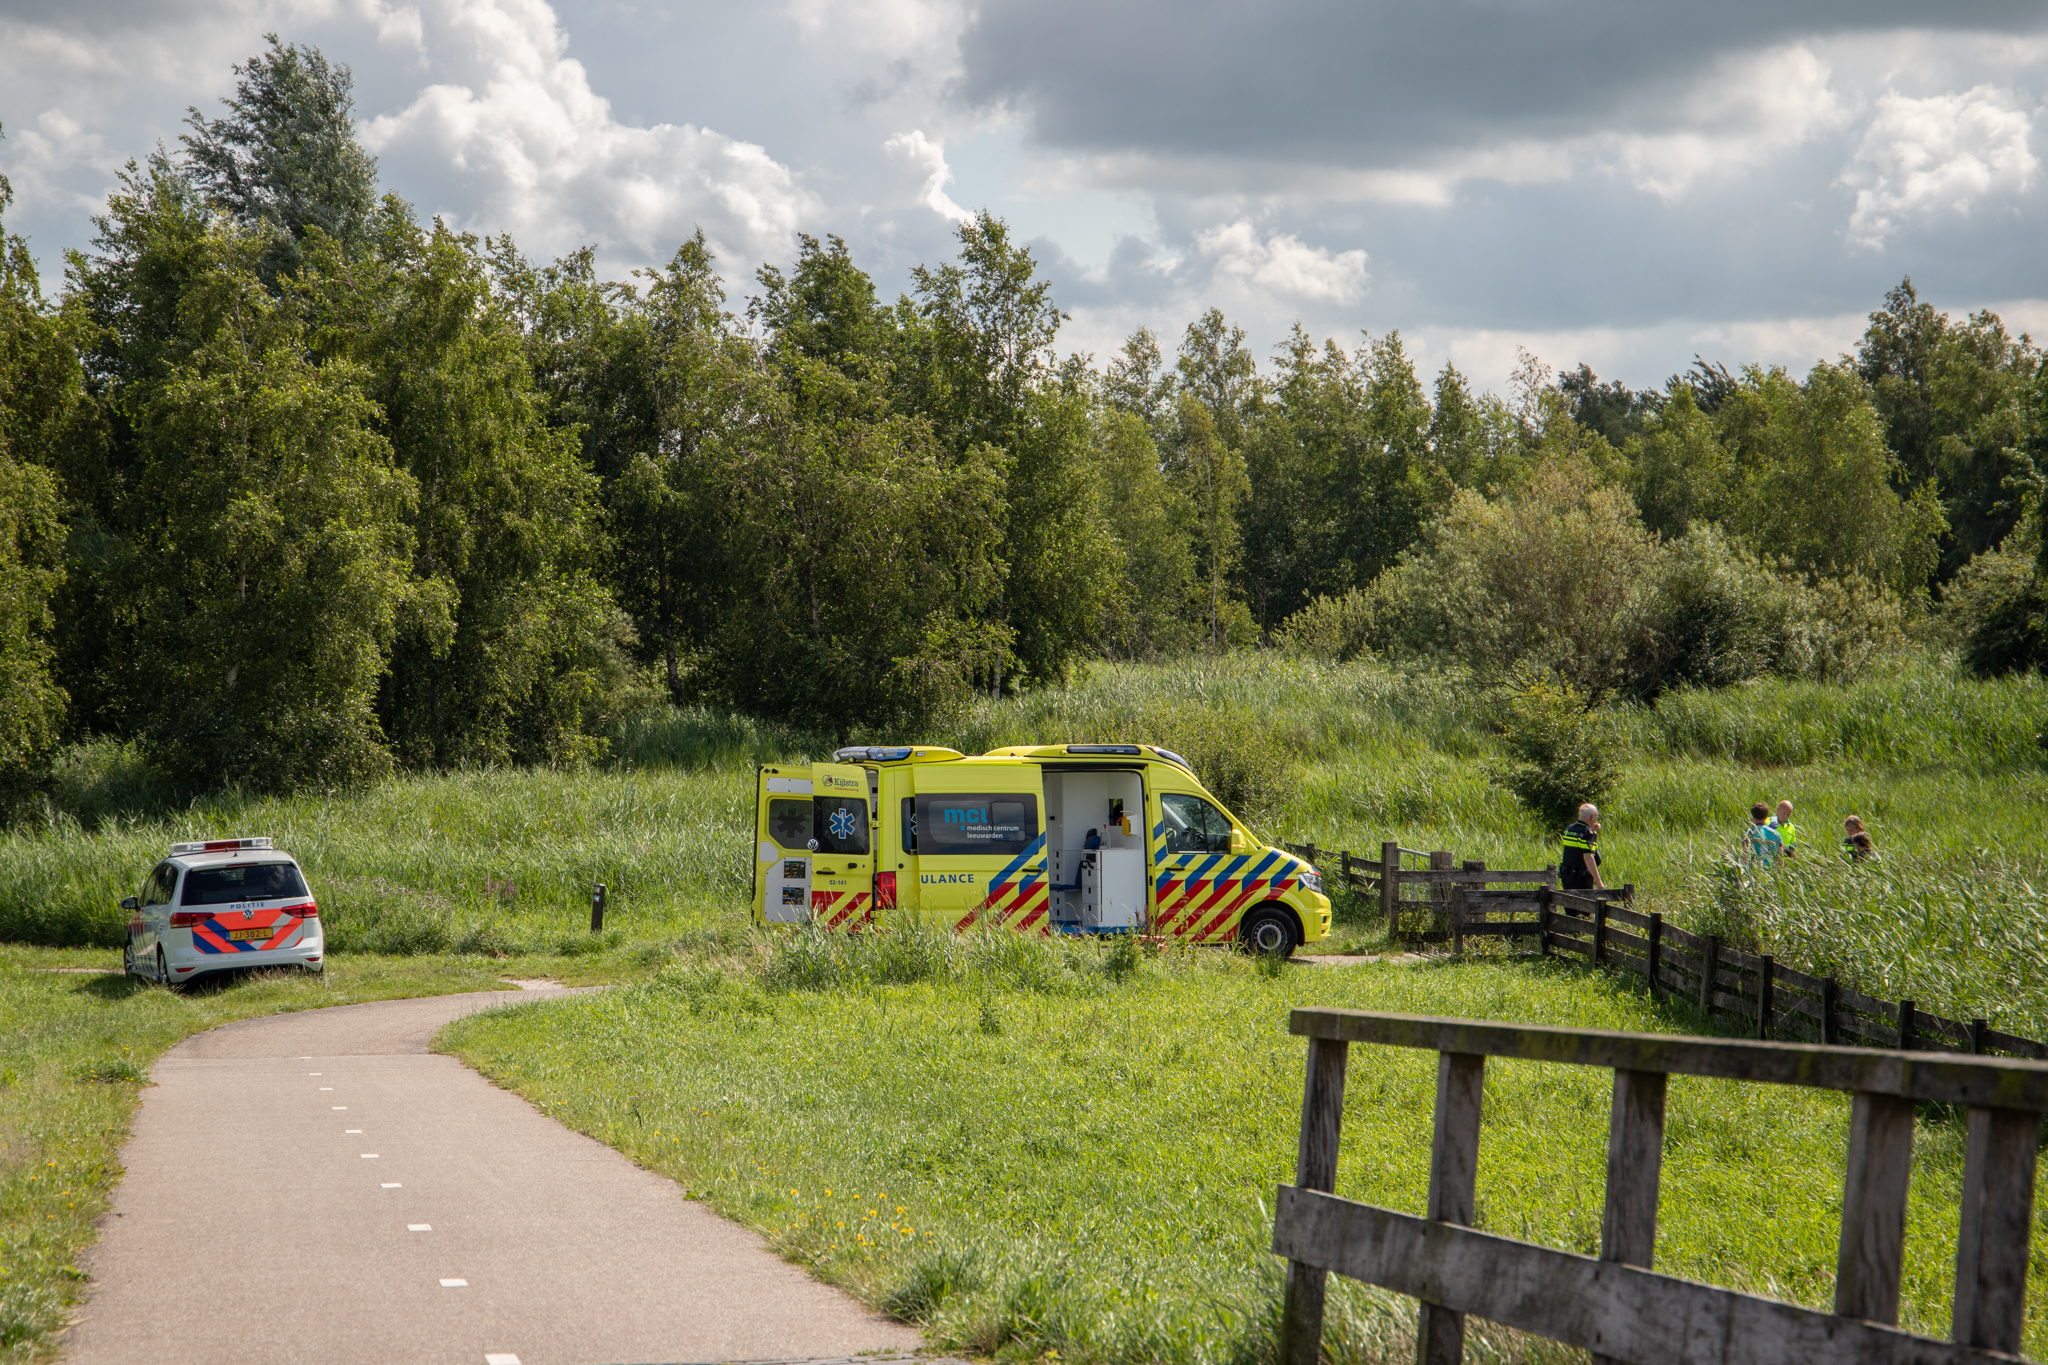 Traumahelikopter ingezet voor gevallen skeeleraar in Leeuwarden